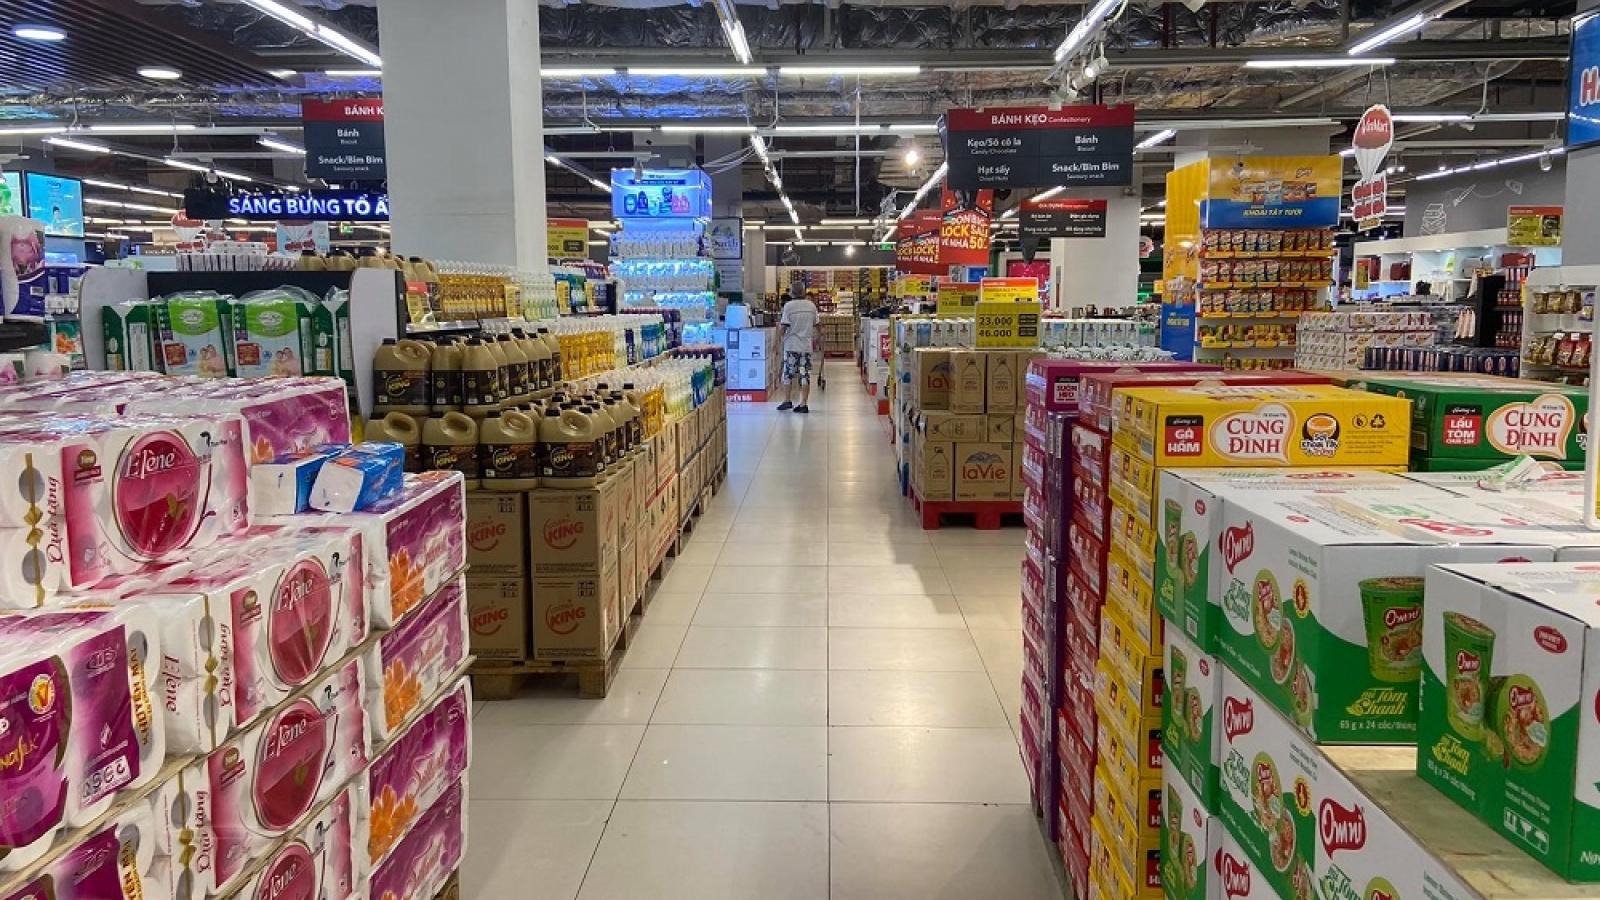 Thành lập Tổ công tác đặc biệt bảo đảm nguồn cung hàng hóa tại miền Bắc và miền Trung